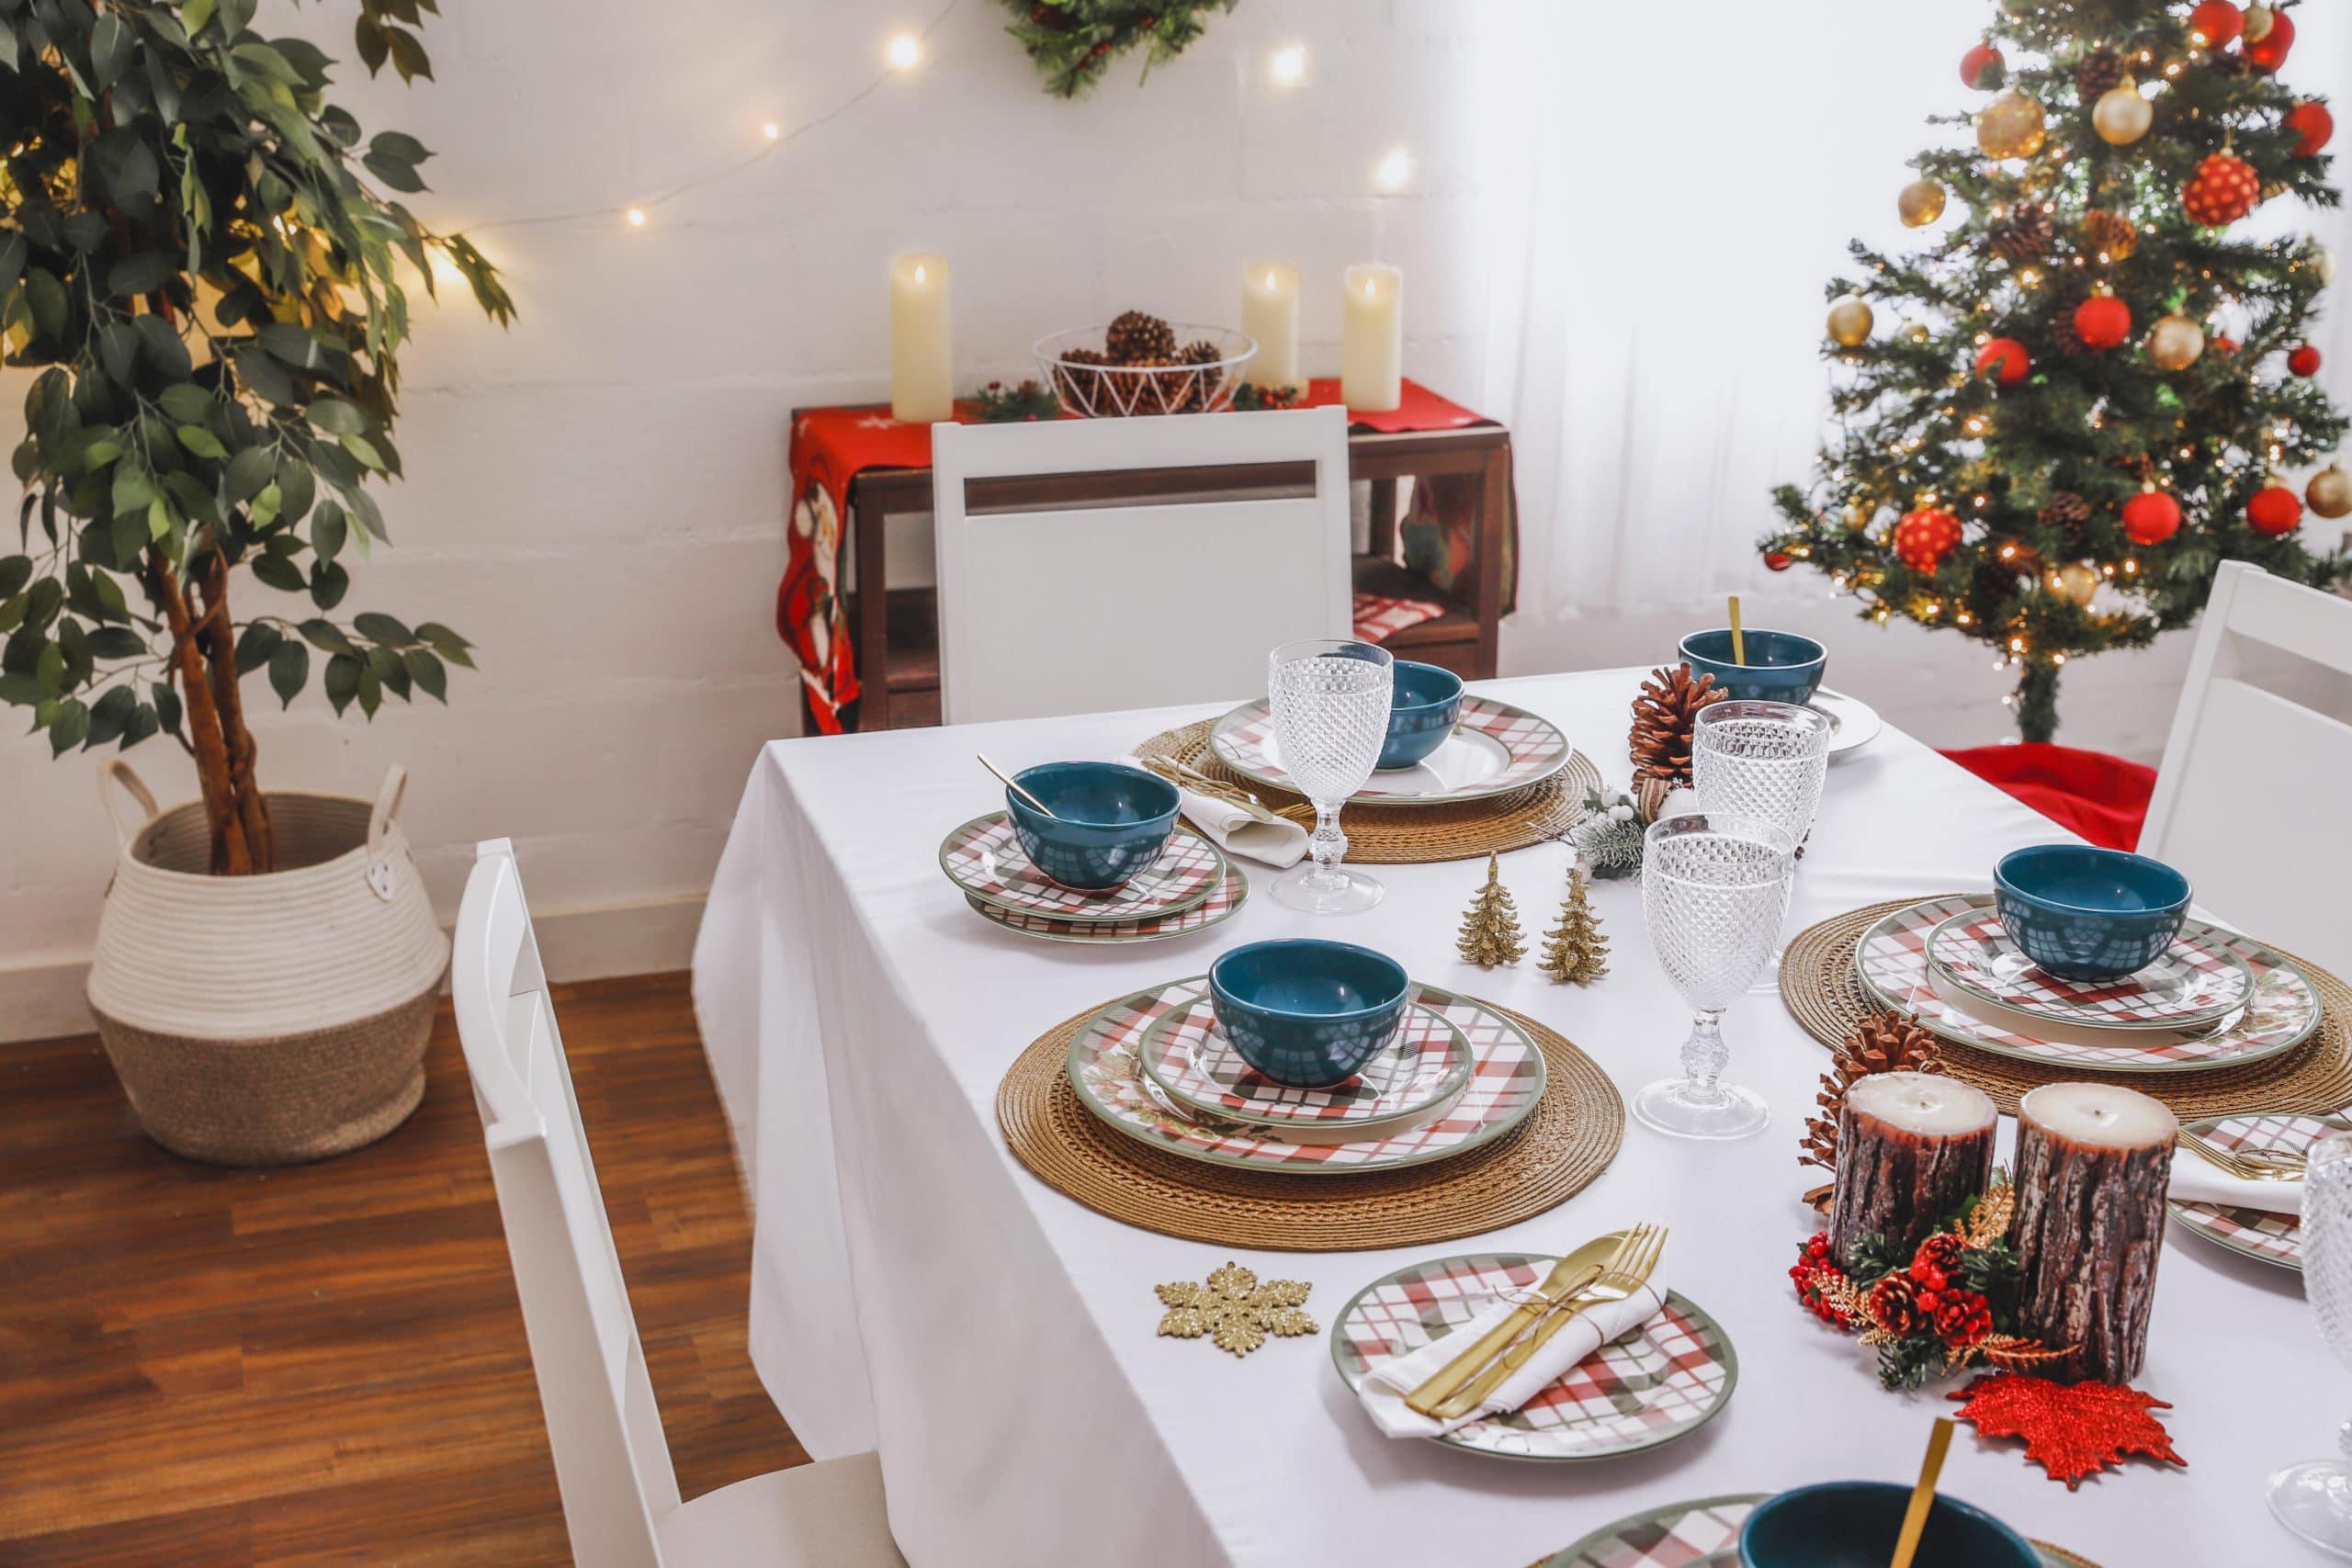 aparelho de jantar e refratários natalinos